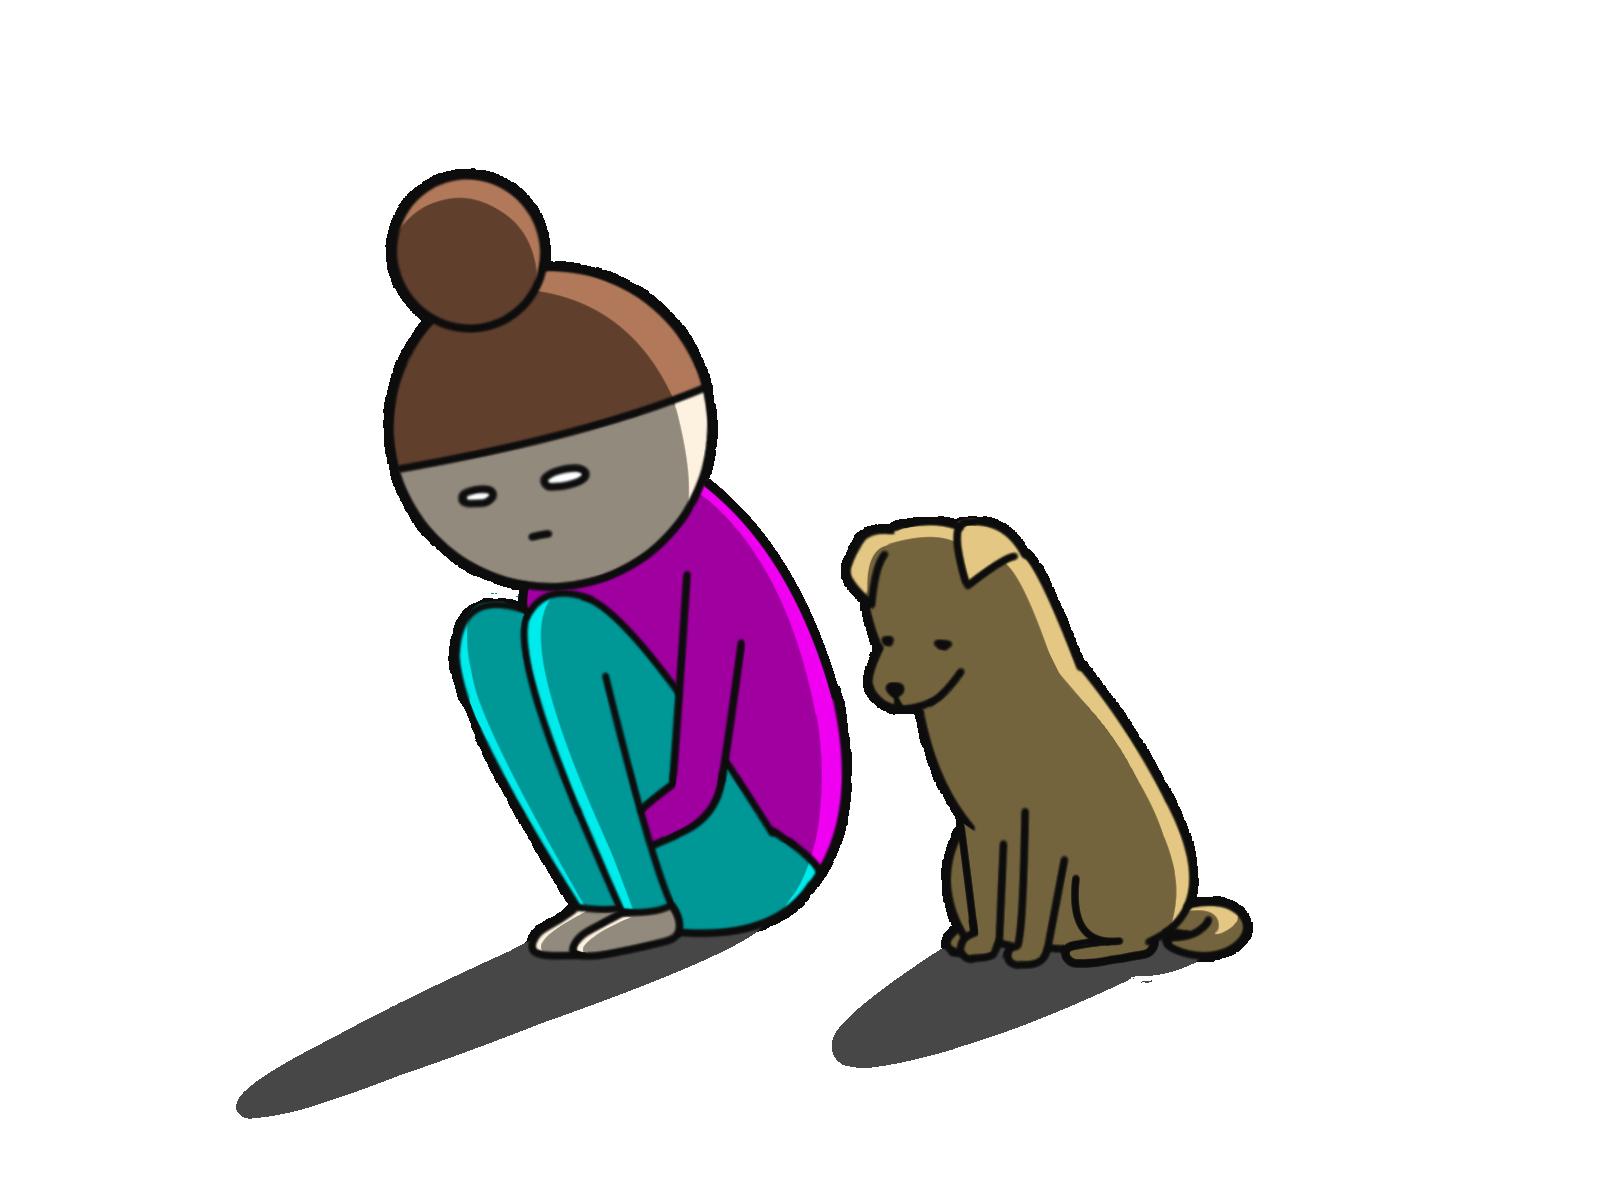 【オノマトペ】いじいじの意味と例文